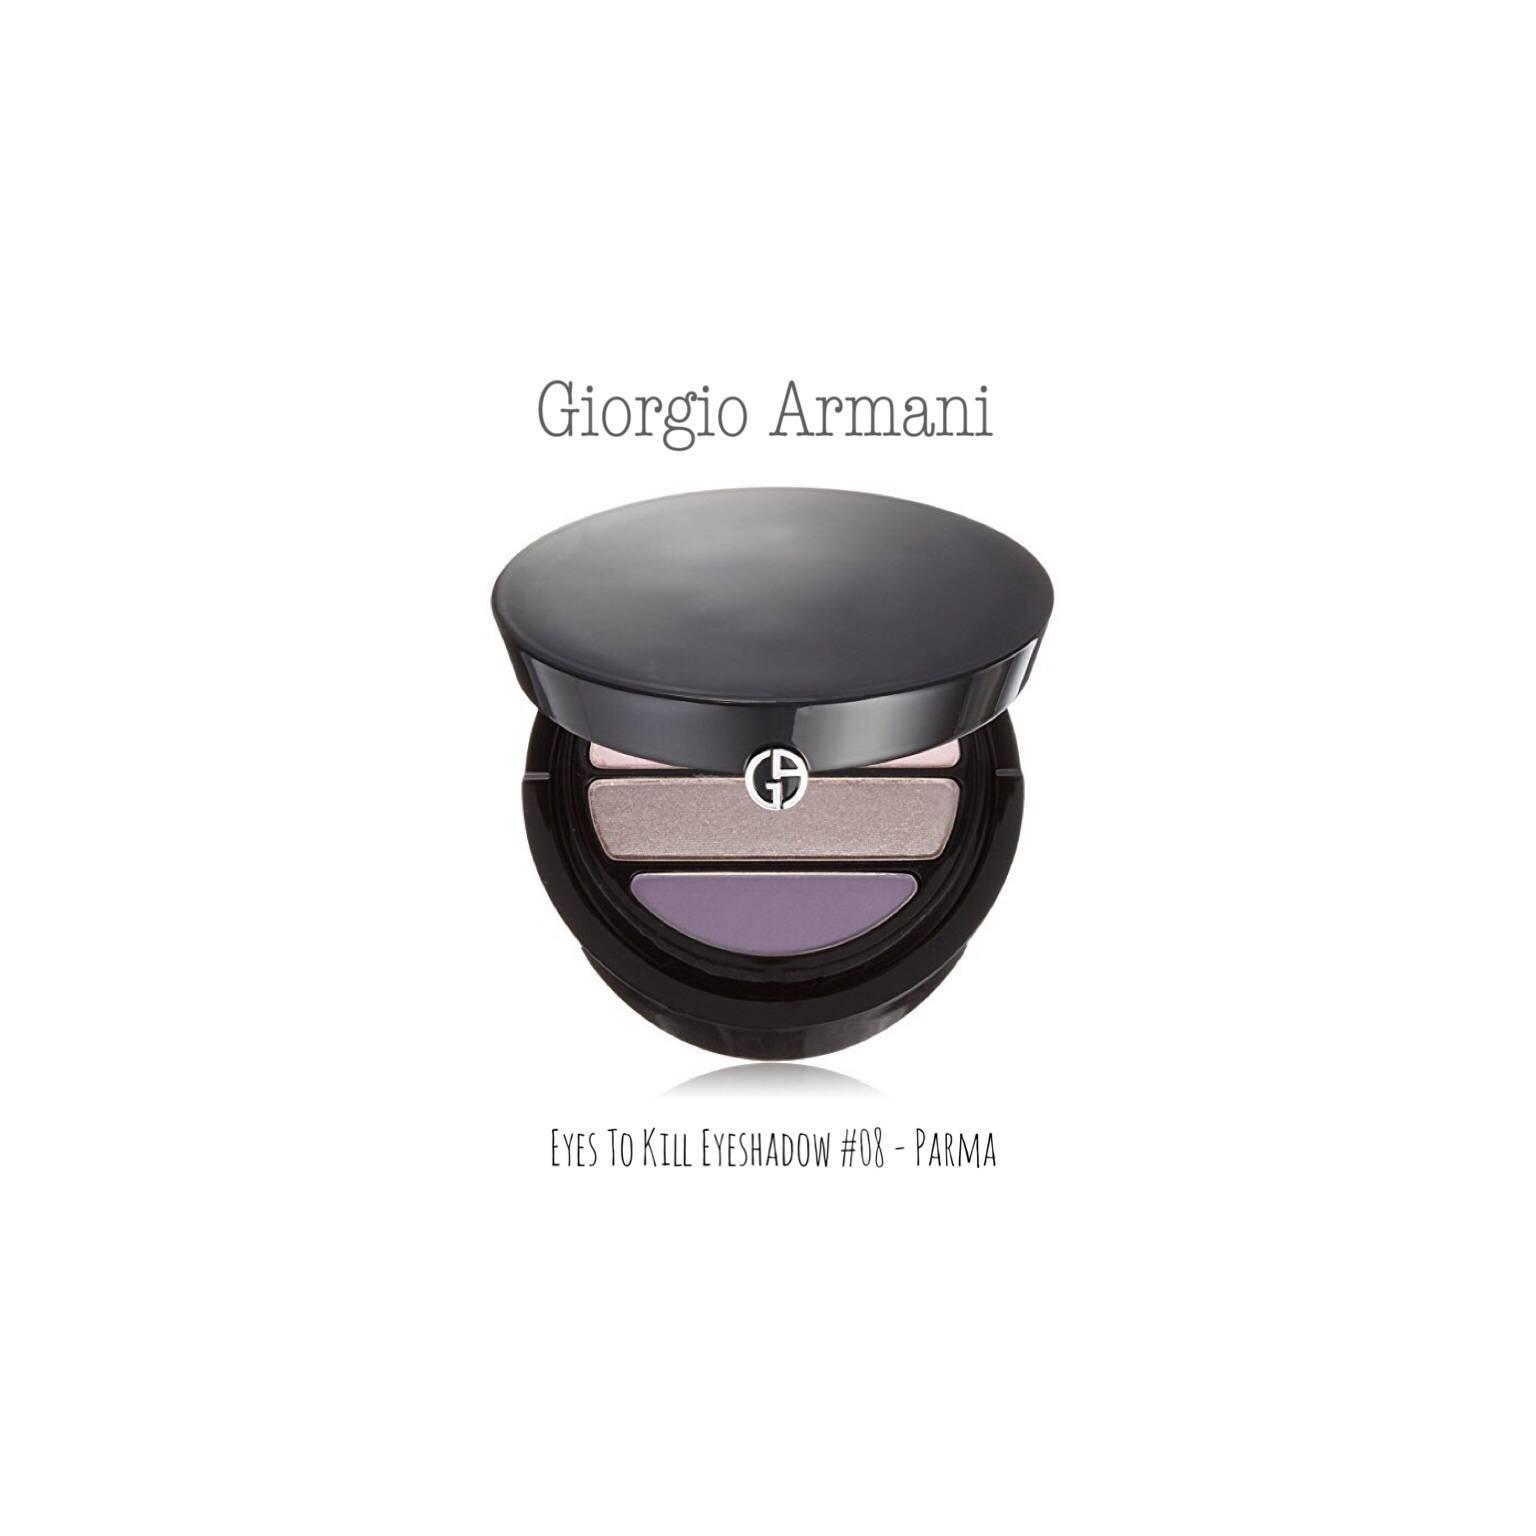 Giorgio Armani eyes to kill eyeshadow quad shade 08 - PARMA